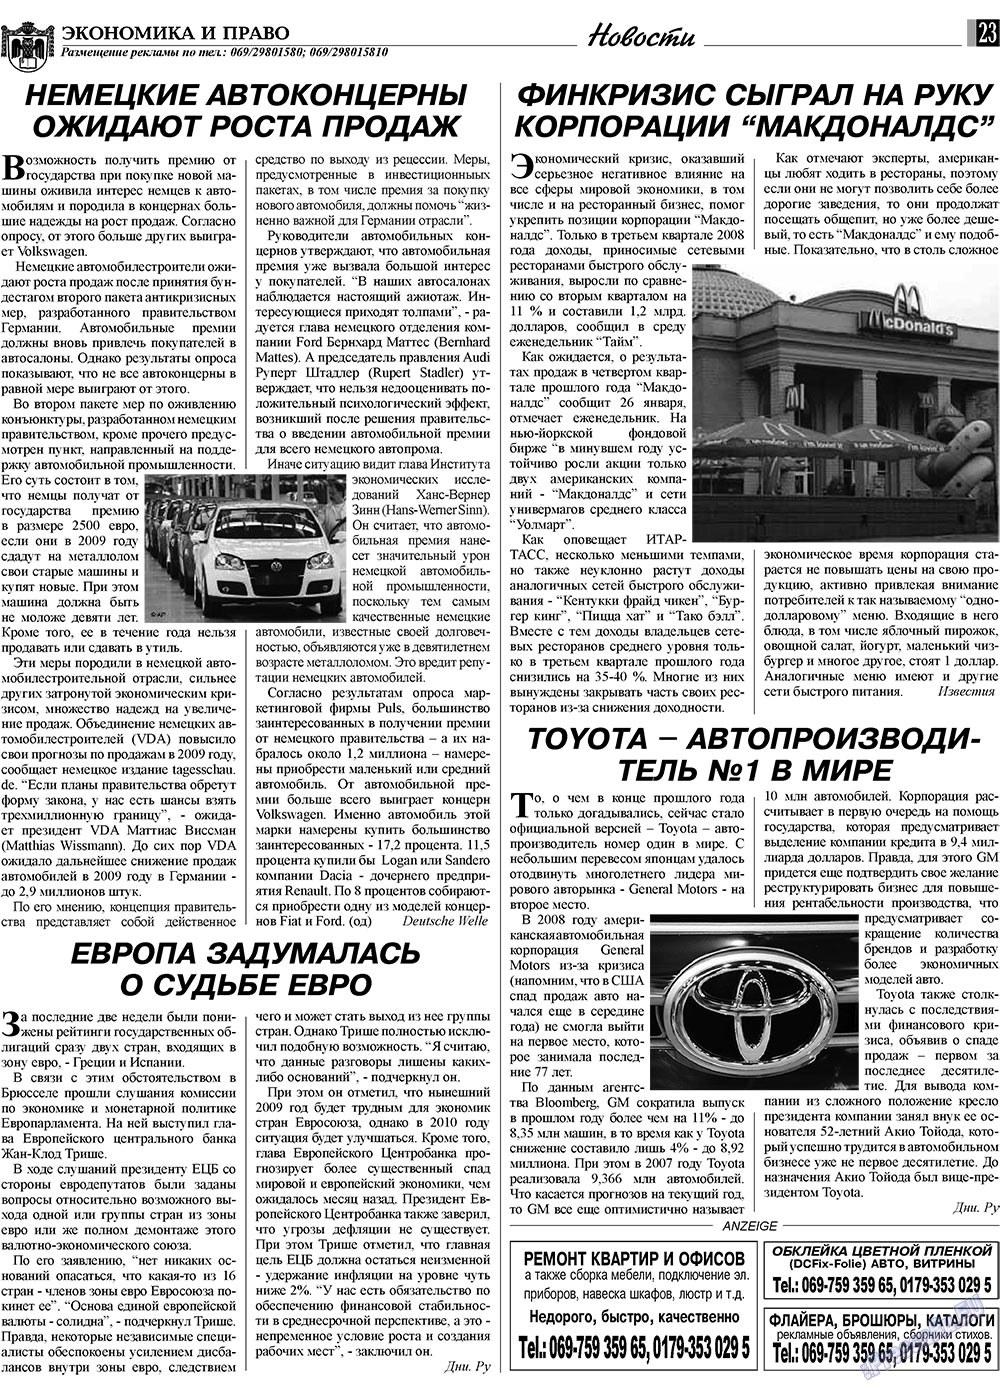 Экономика и право (газета). 2009 год, номер 2, стр. 23